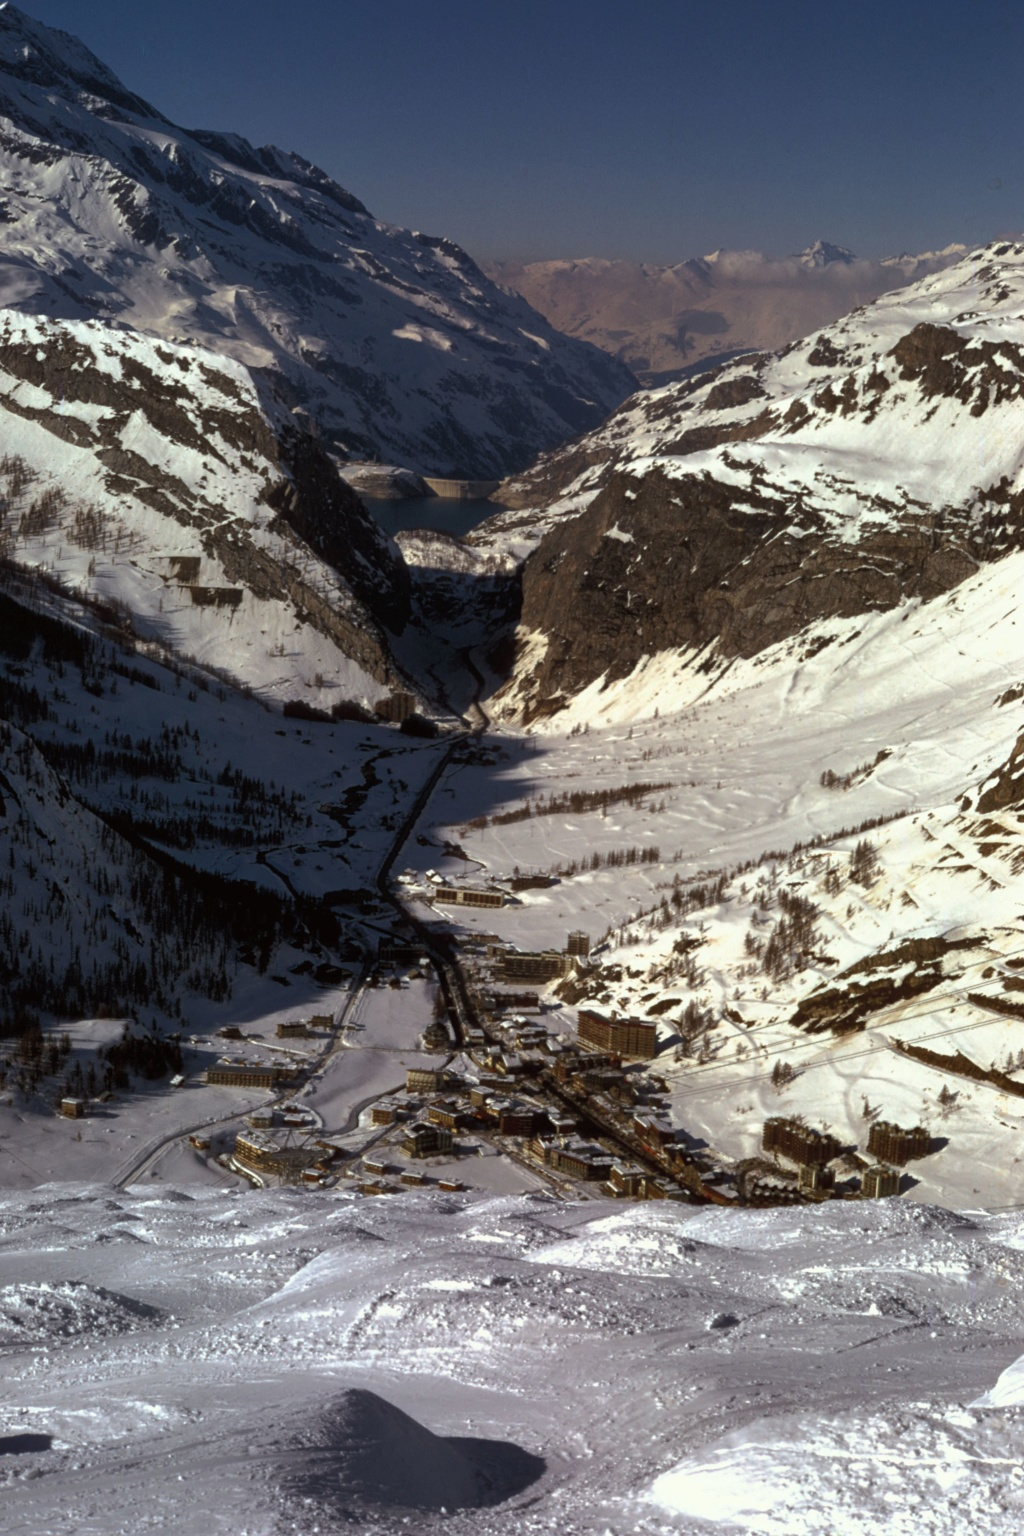 [Val d'Isère] Photos d'archive de la station et des environs - Page 4 Tignes12